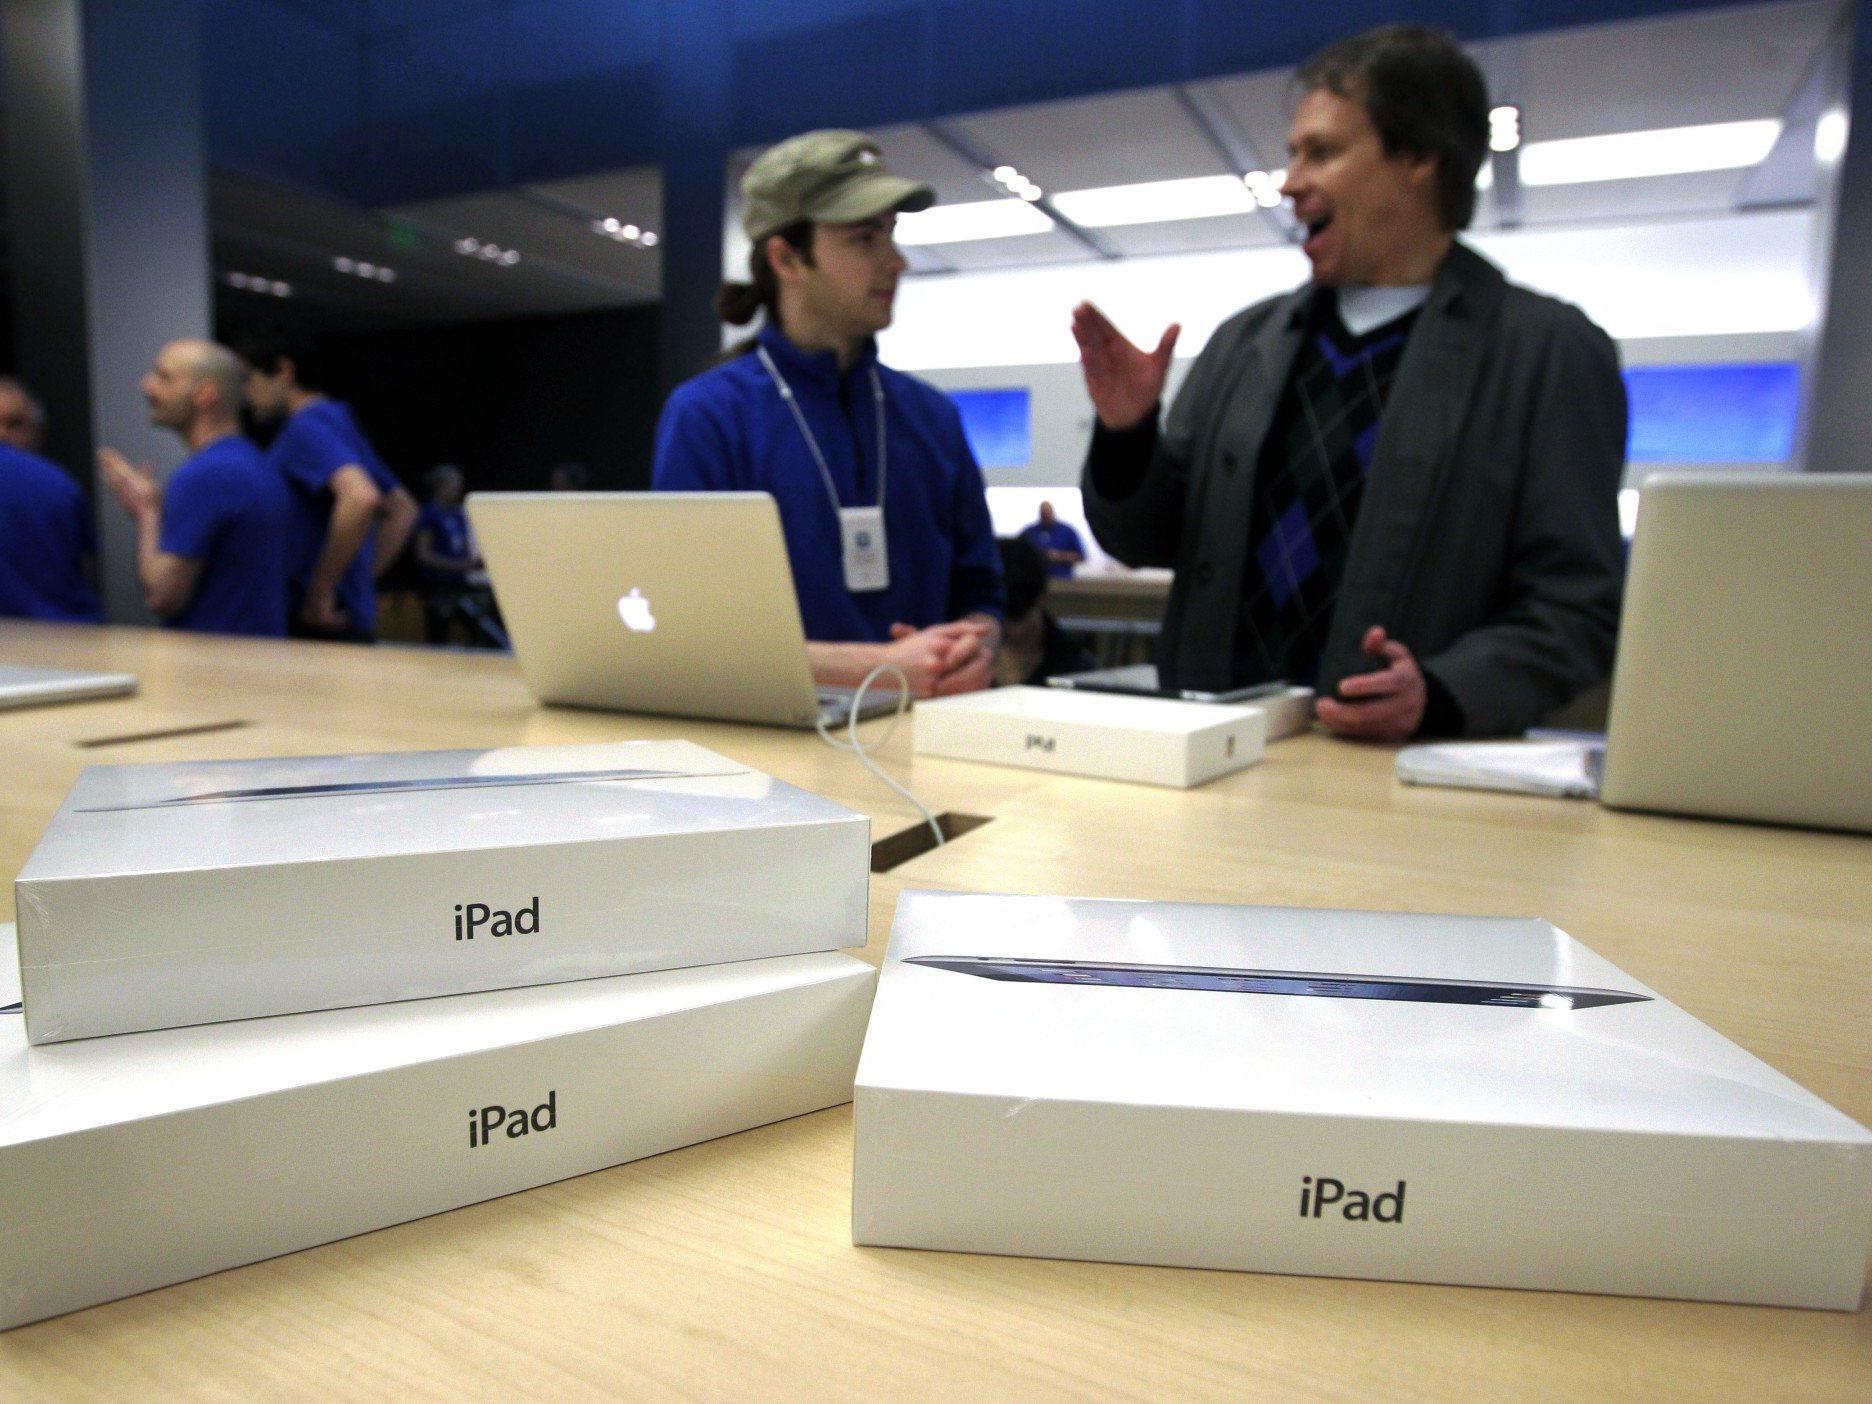 Gerüchten zufolge wird das neue iPad am 22. Oktober vorgestellt.